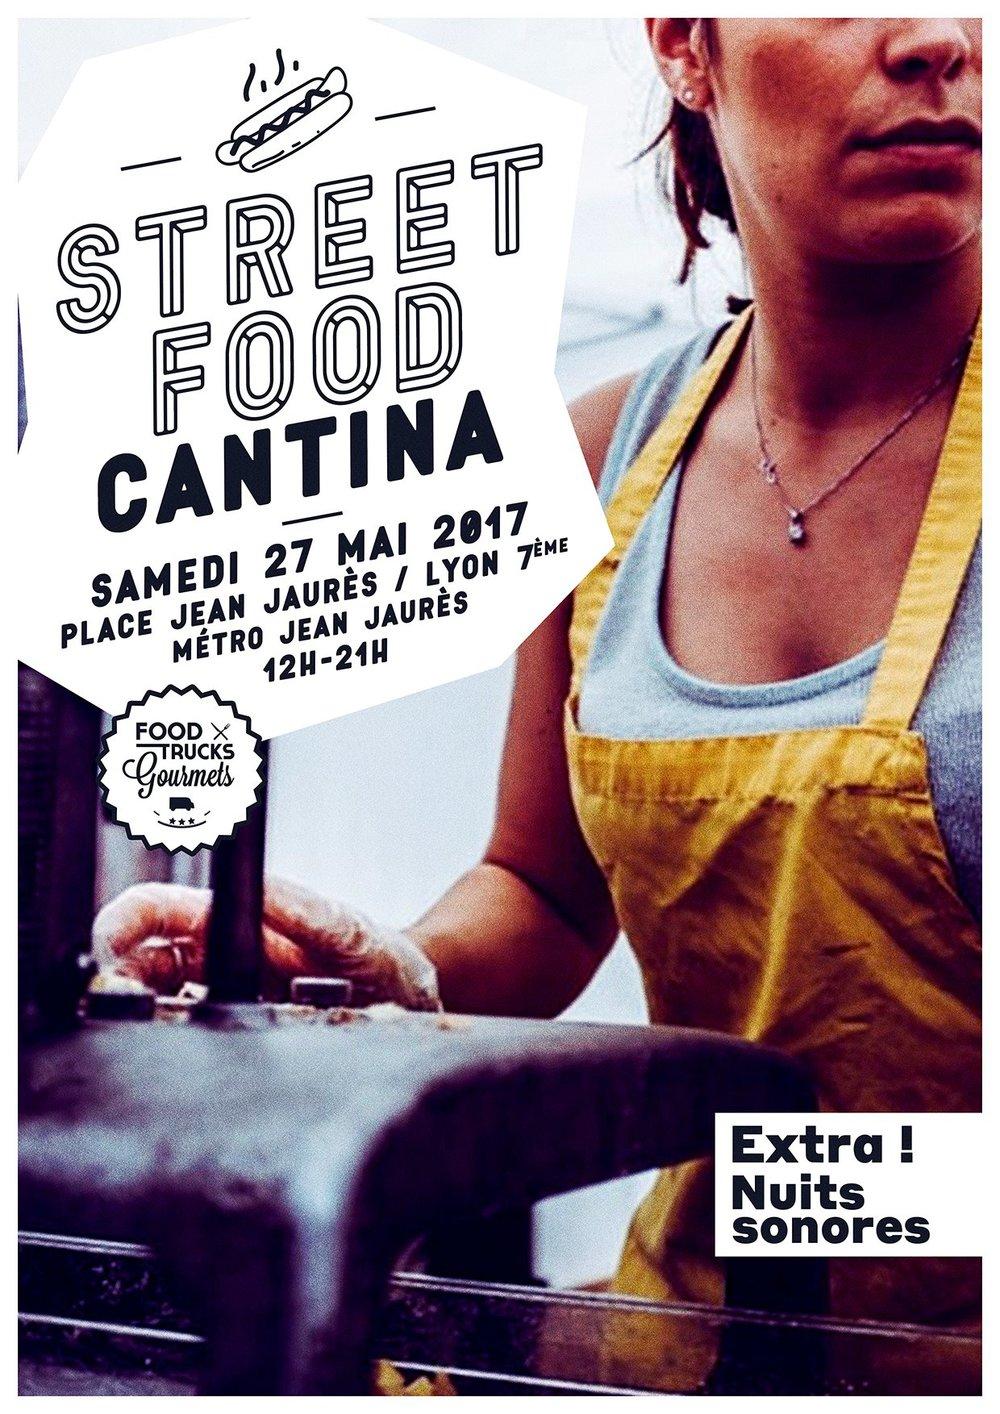 Street Food Cantina - Lyon - Mai 2017